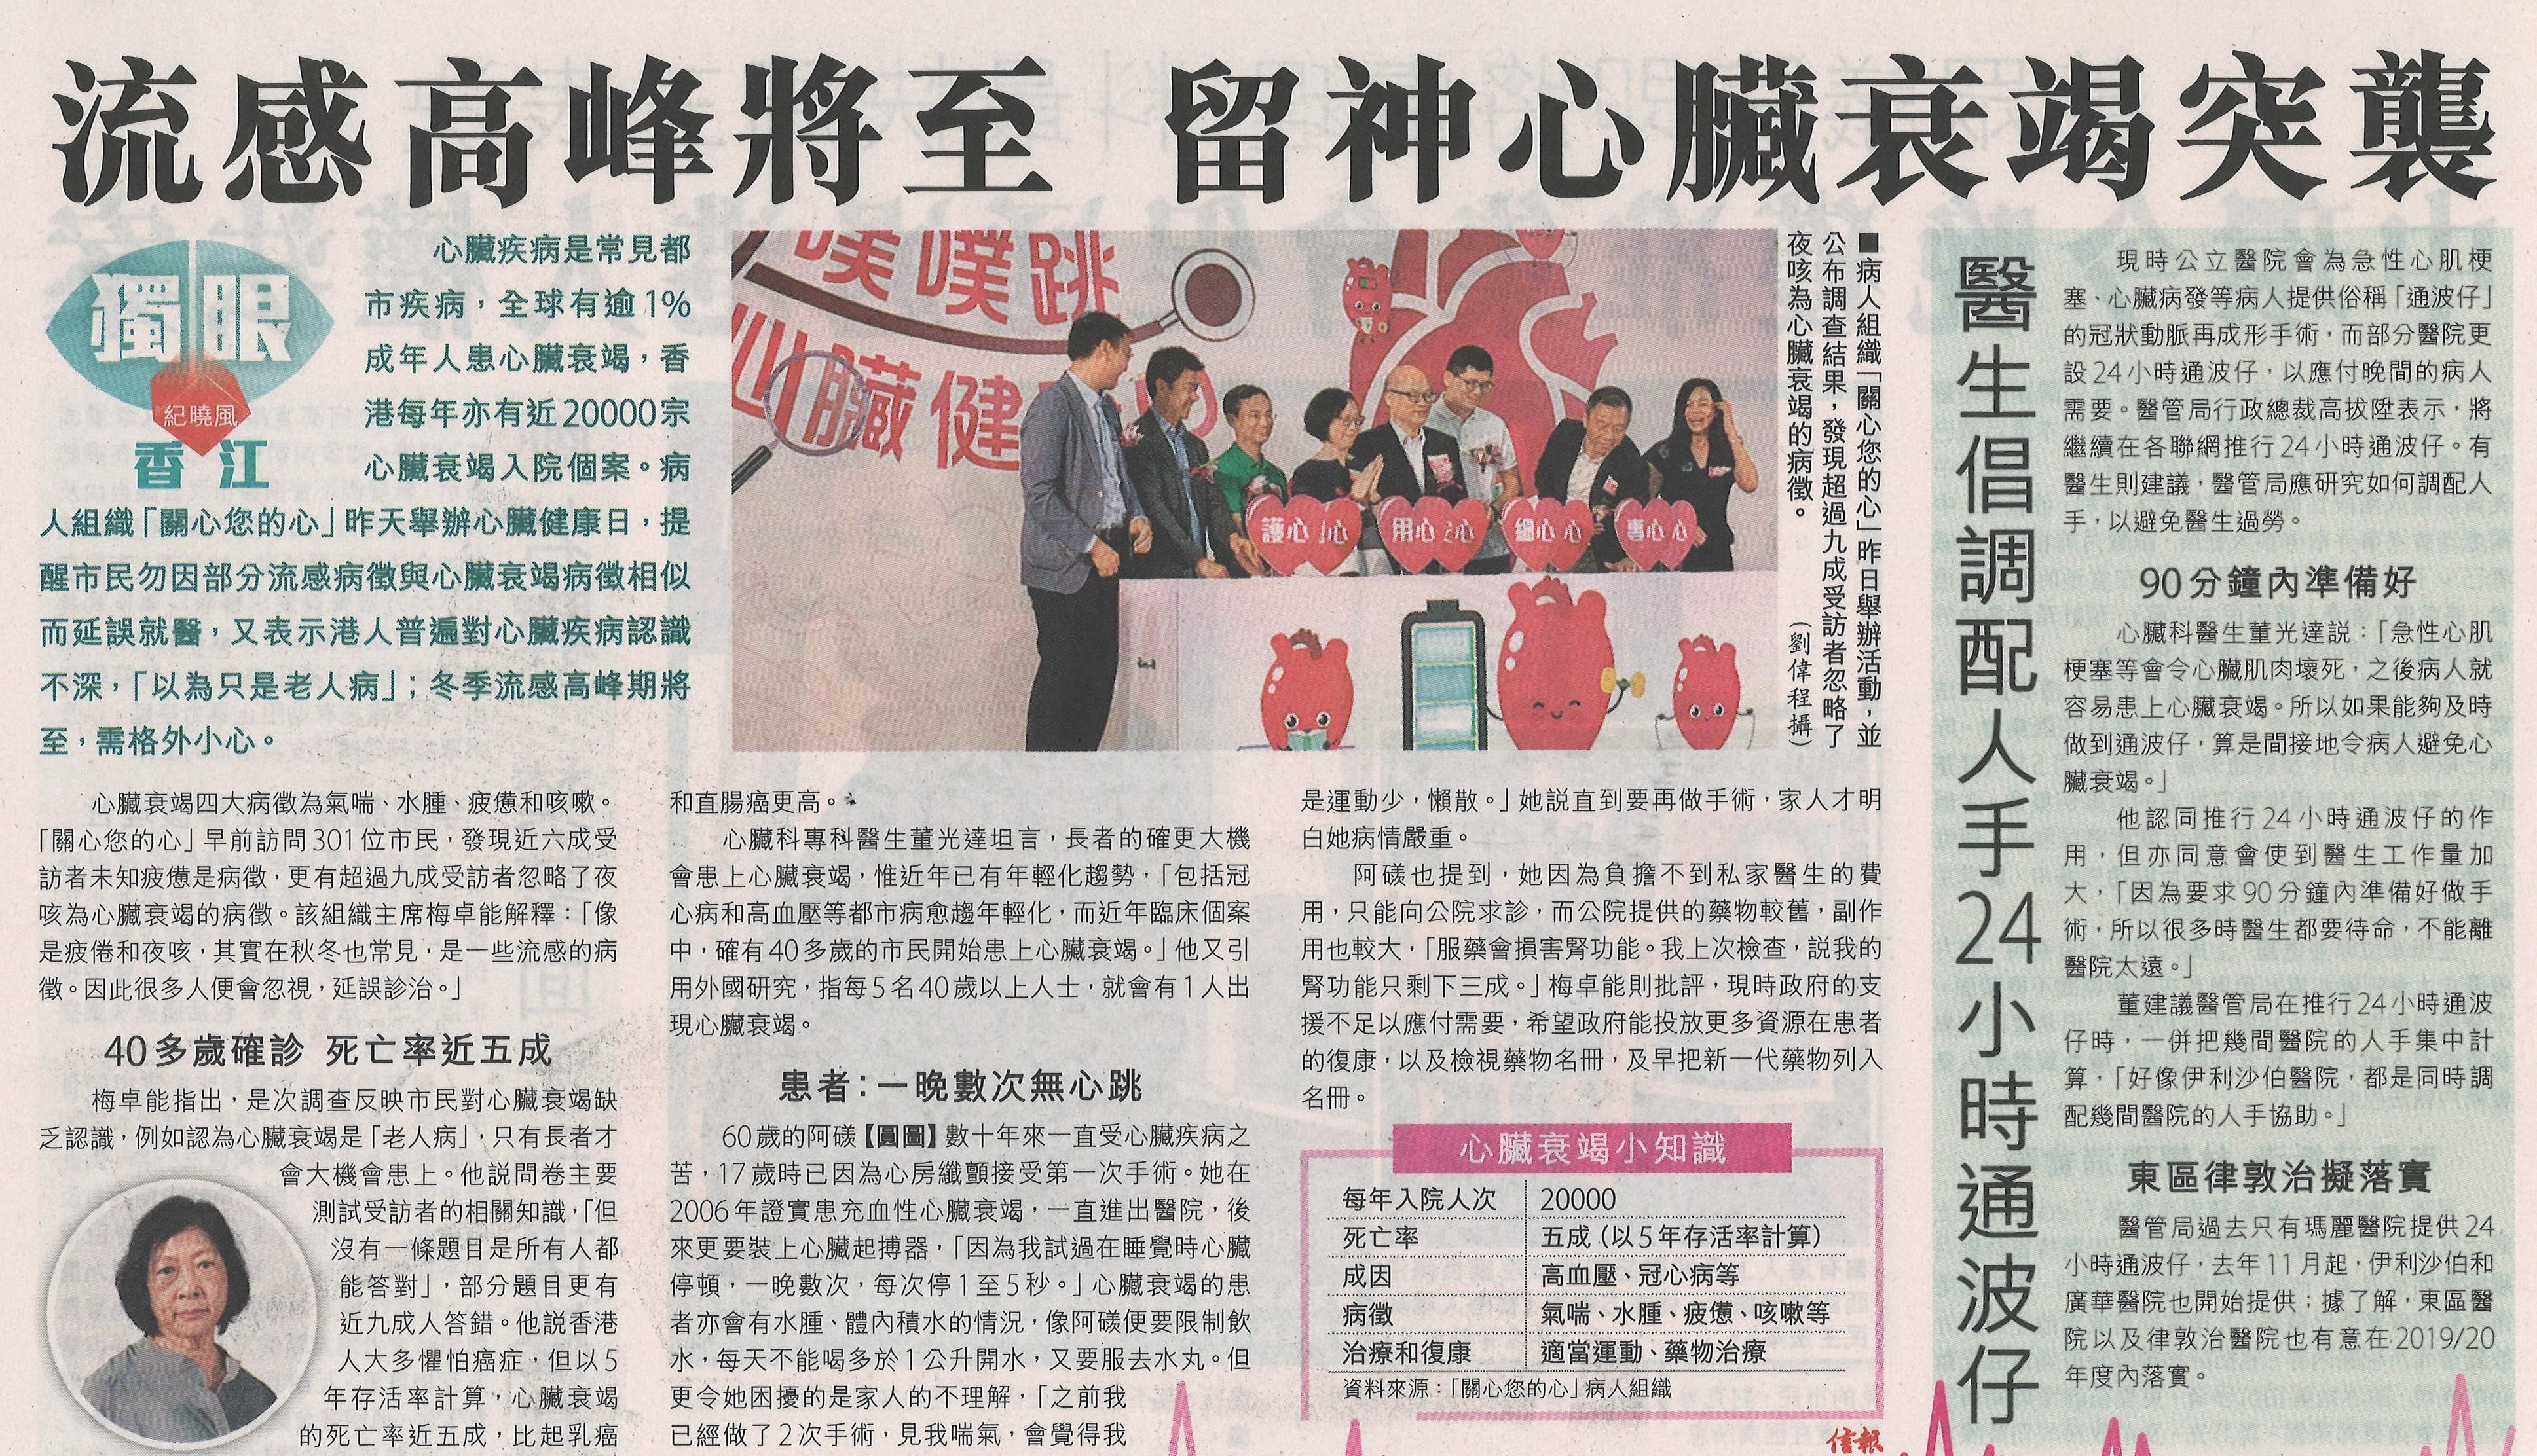 Hong Kong Economic Journal A12 14 Oct 2019